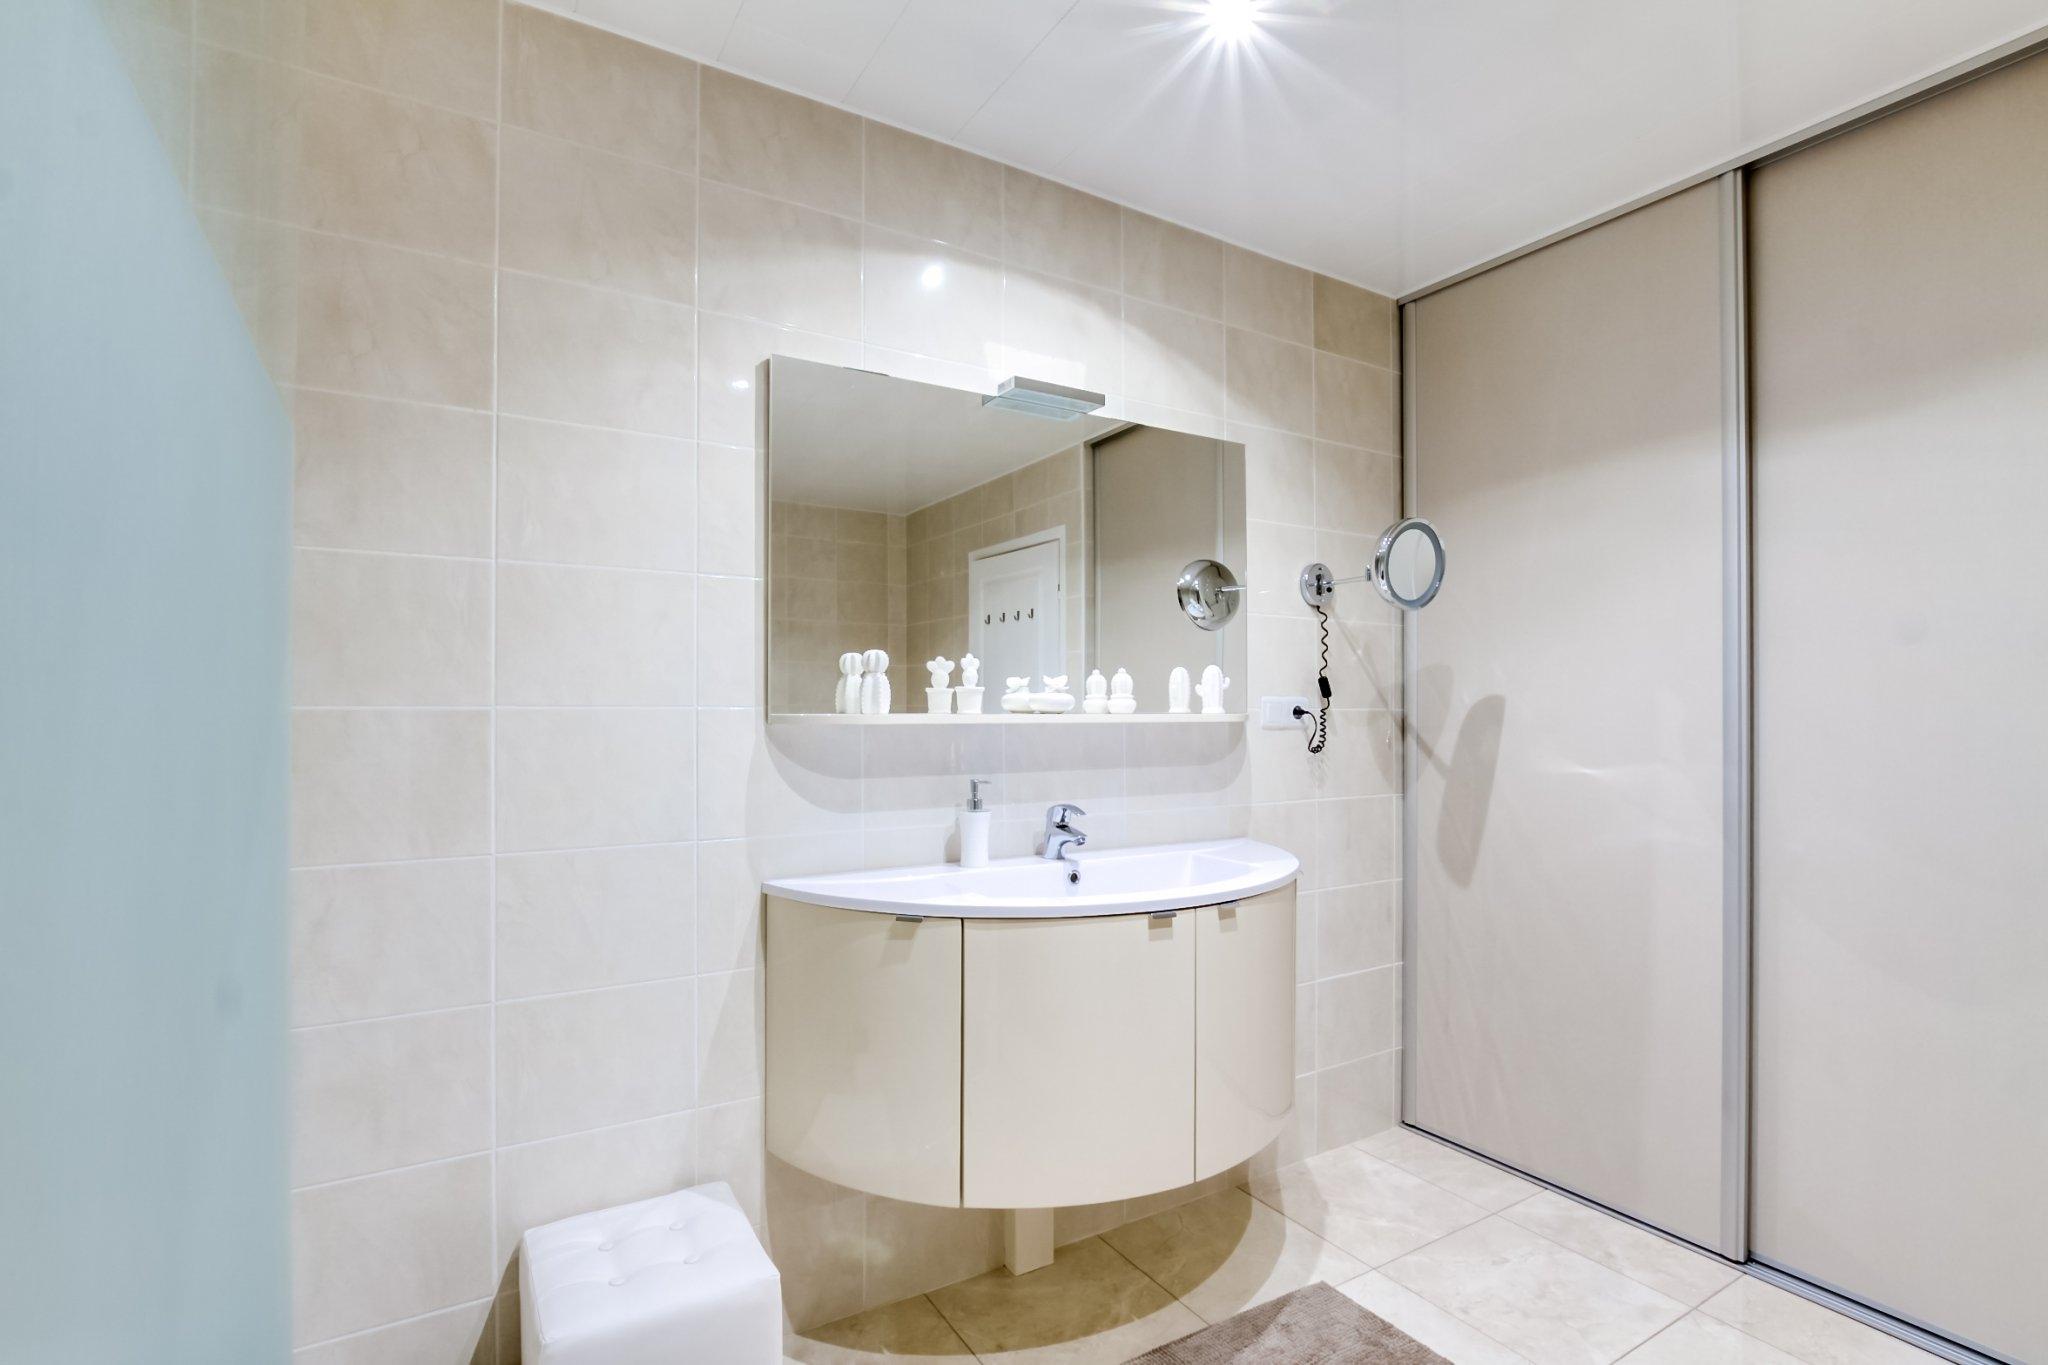 Appartement Reims 5 Pièces 179 m2 - 10